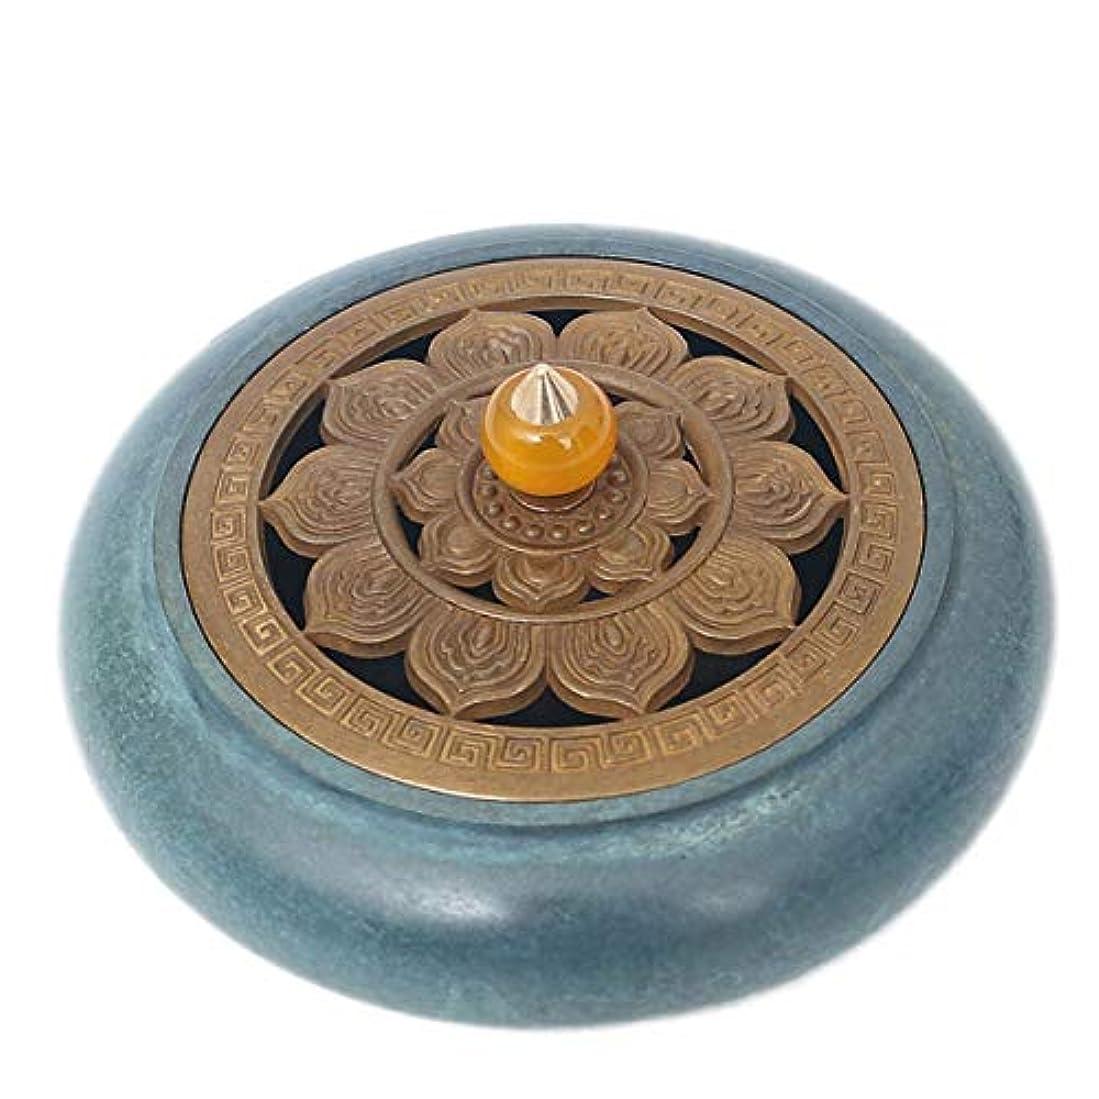 チャールズキージング有能なちっちゃいコーン香バーナーと真鍮香スティックホルダー-中国銅装飾炭香炉-銅香灰キャッチャートレイボウル